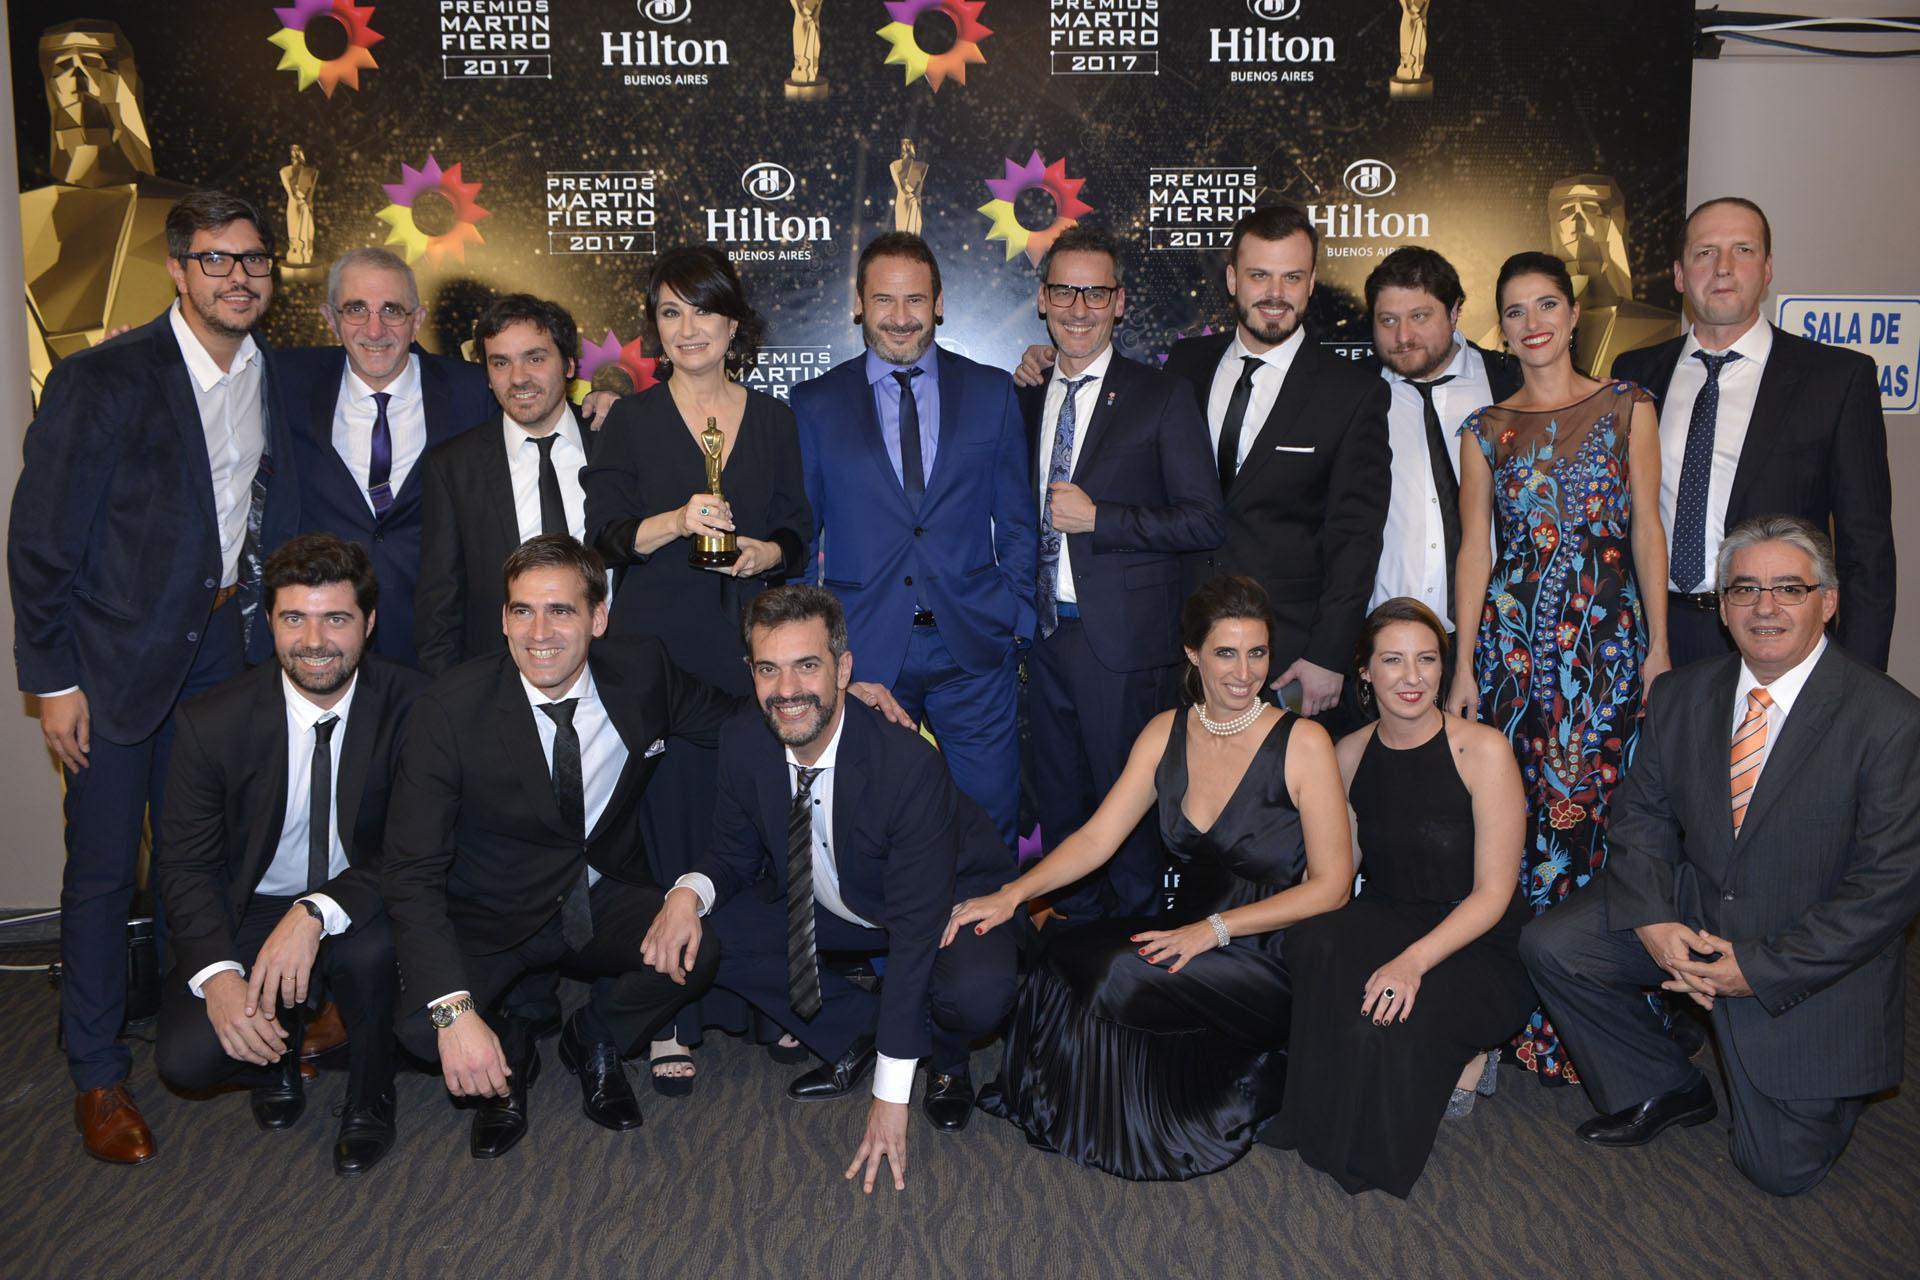 El equipo de Telenoche posando con el premio al Mejor Noticiero